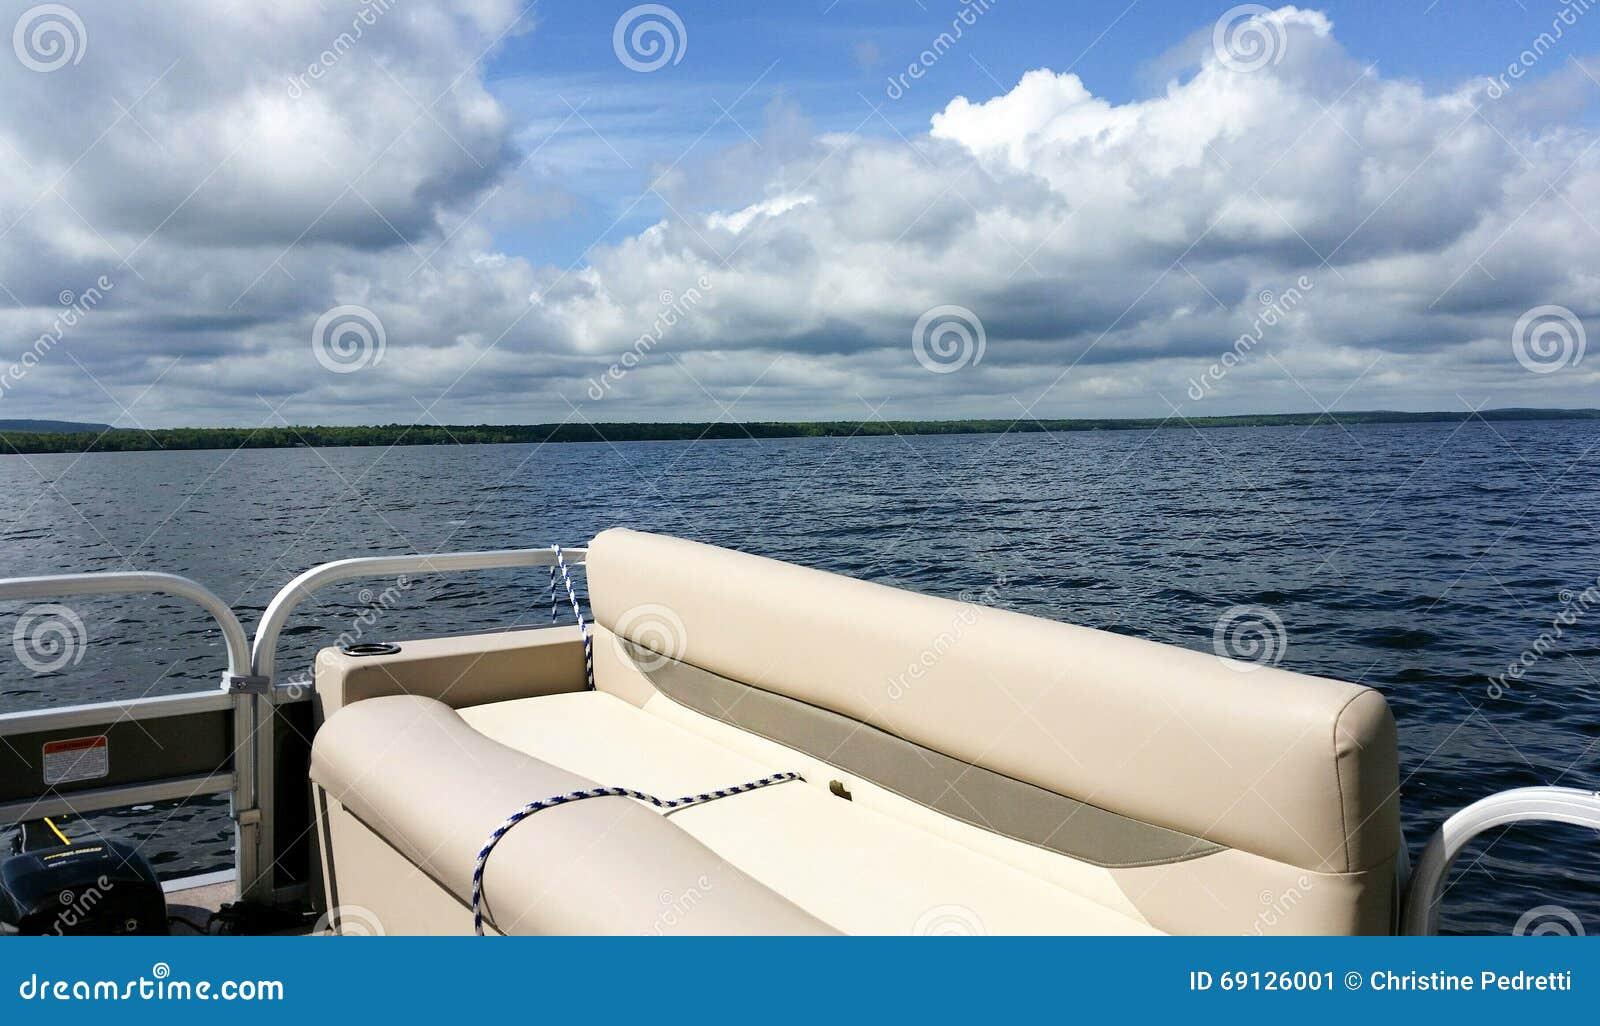 Pontoon Boat On Lake Stock Photo - Image: 69126001